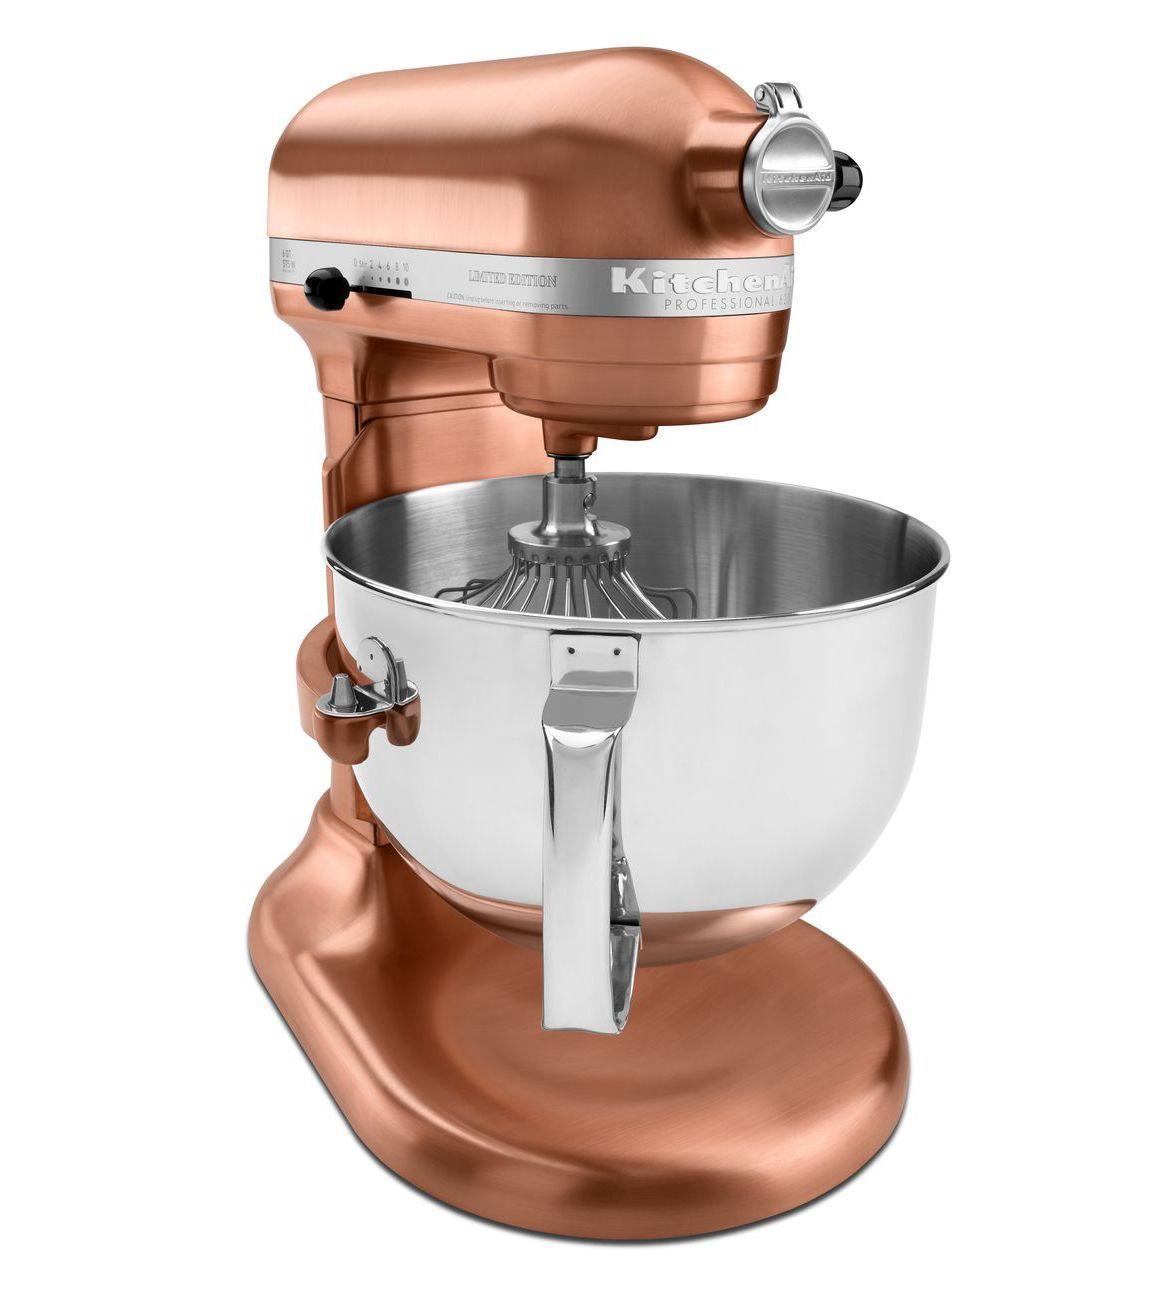 Professional 620 6 Quart Bowl Lift Stand Mixer Kp26m8xcp Kitchenaid Kitchen Aid Copper Kitchen Aid Kitchen Aid Mixer